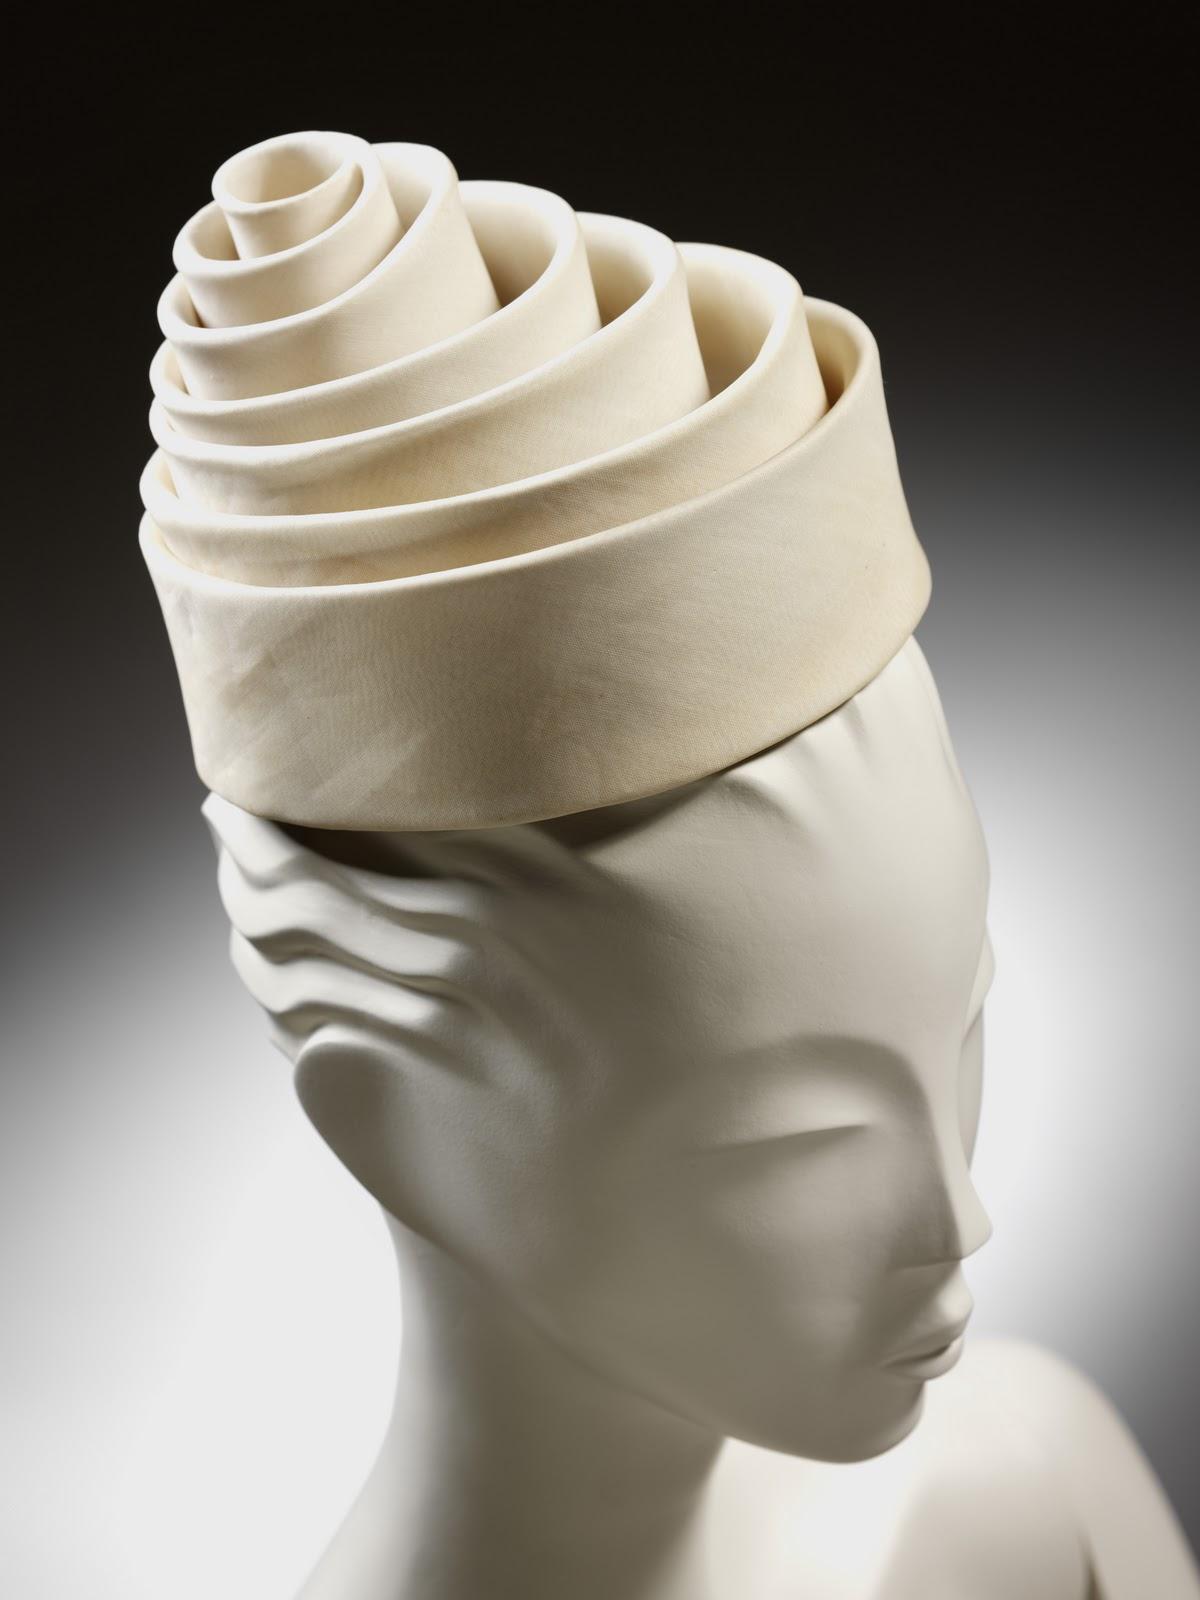 Спиралевидная шелковая шляпа по эскизу Кристобаля Баленсиаги, 1962